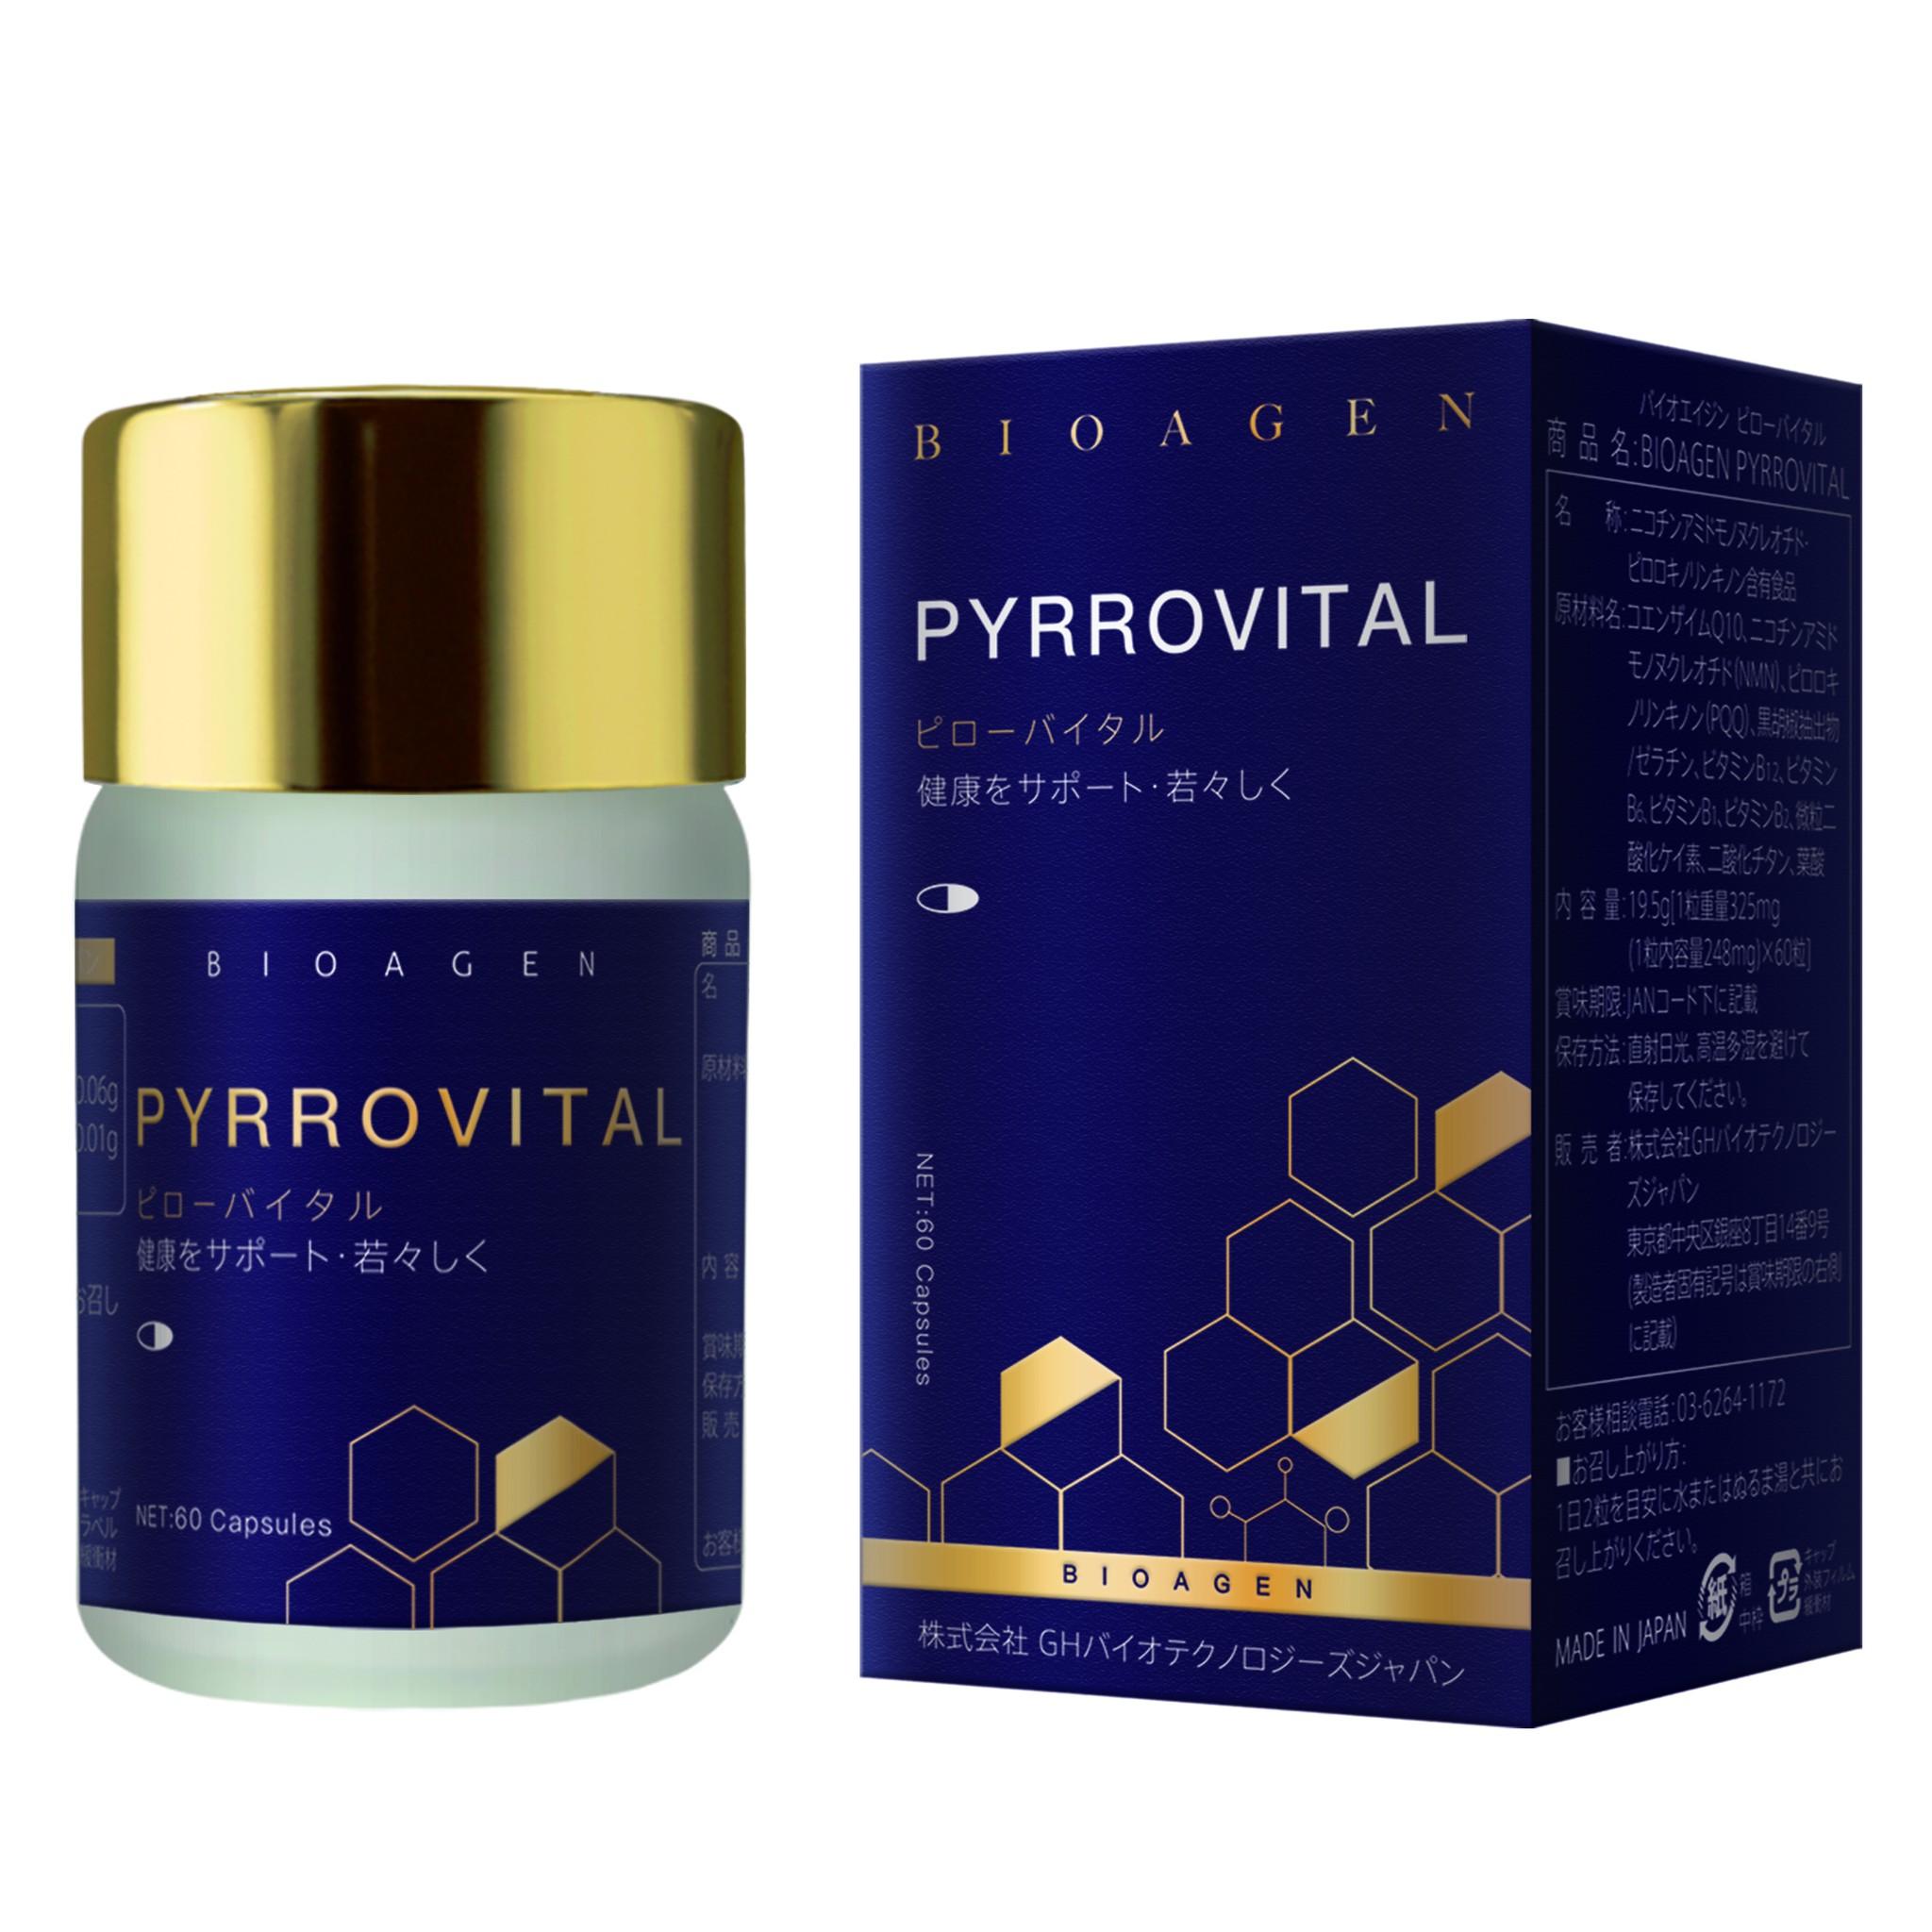 【報告】PYRROVITAL(ピロ―バイタル)入荷いたしました